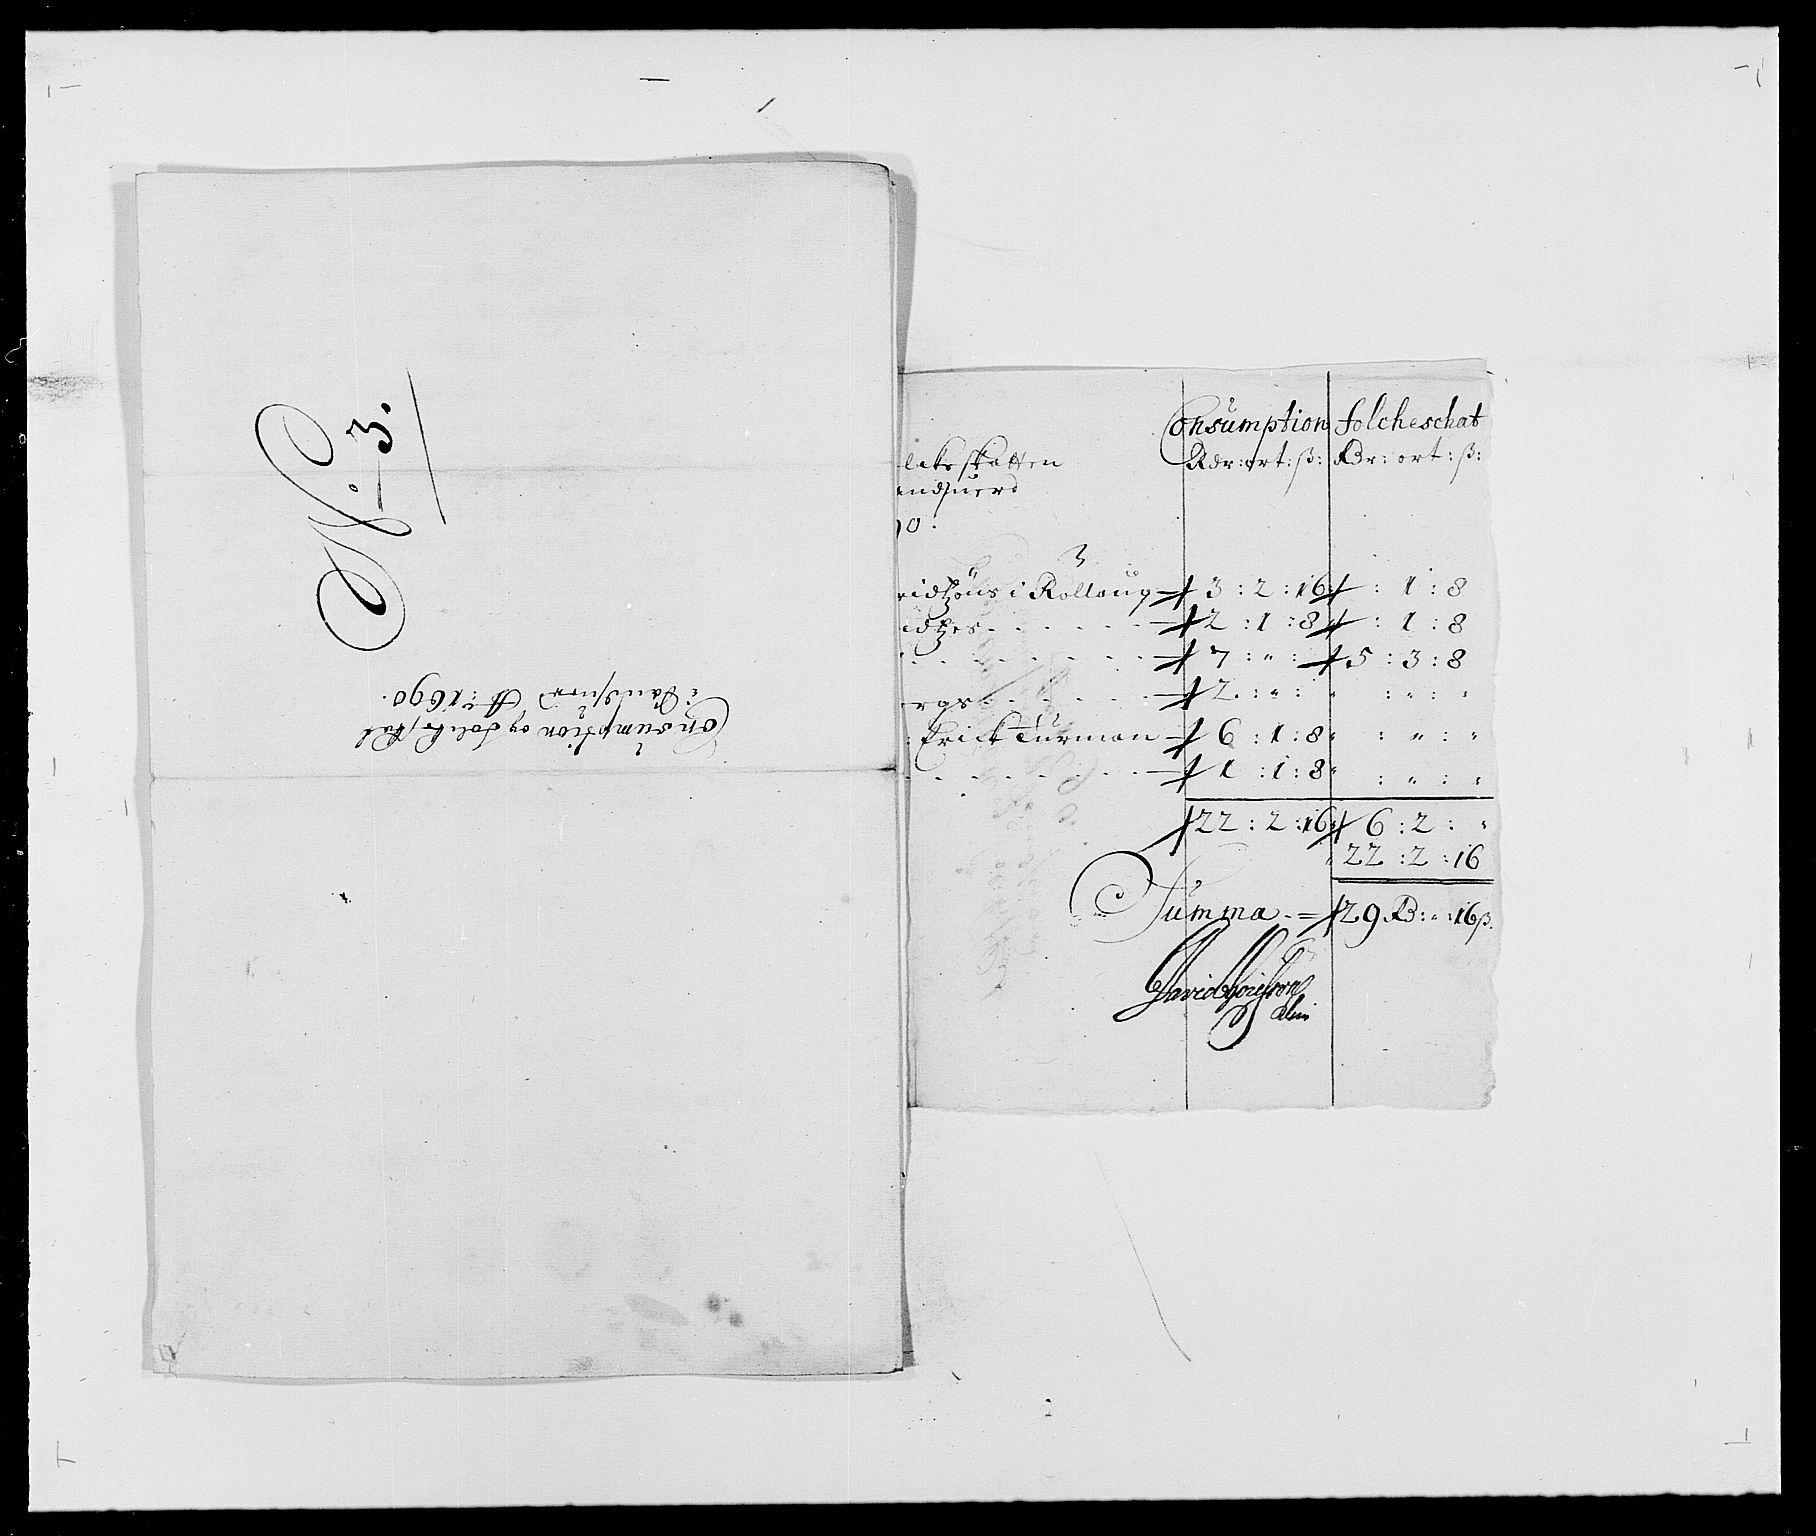 RA, Rentekammeret inntil 1814, Reviderte regnskaper, Fogderegnskap, R24/L1573: Fogderegnskap Numedal og Sandsvær, 1687-1691, s. 459